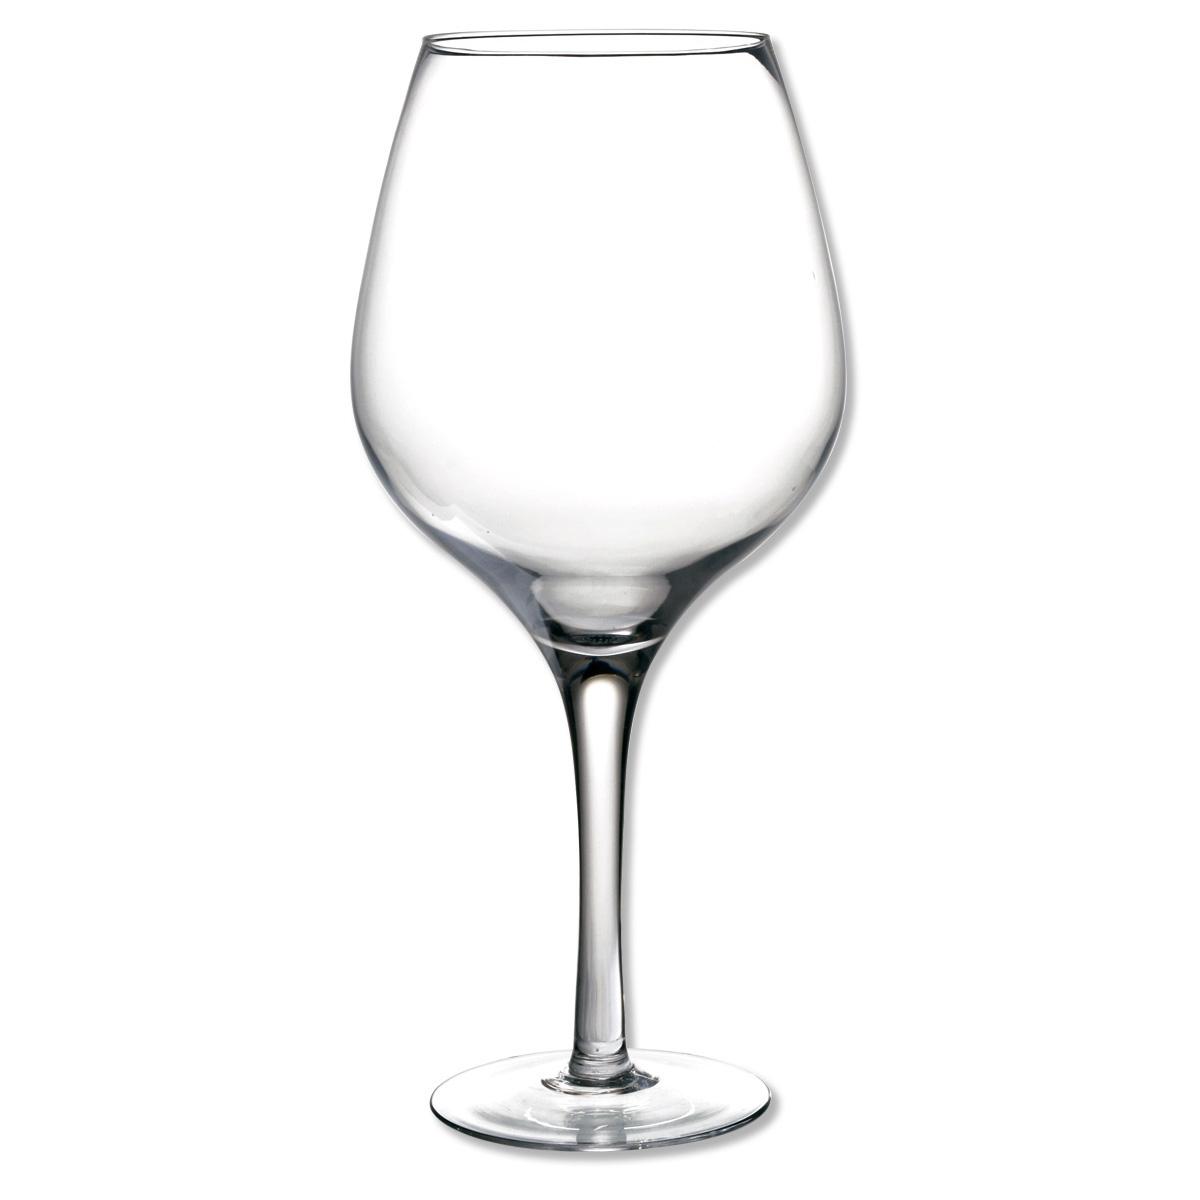 Seau A Champagne Geant 15l